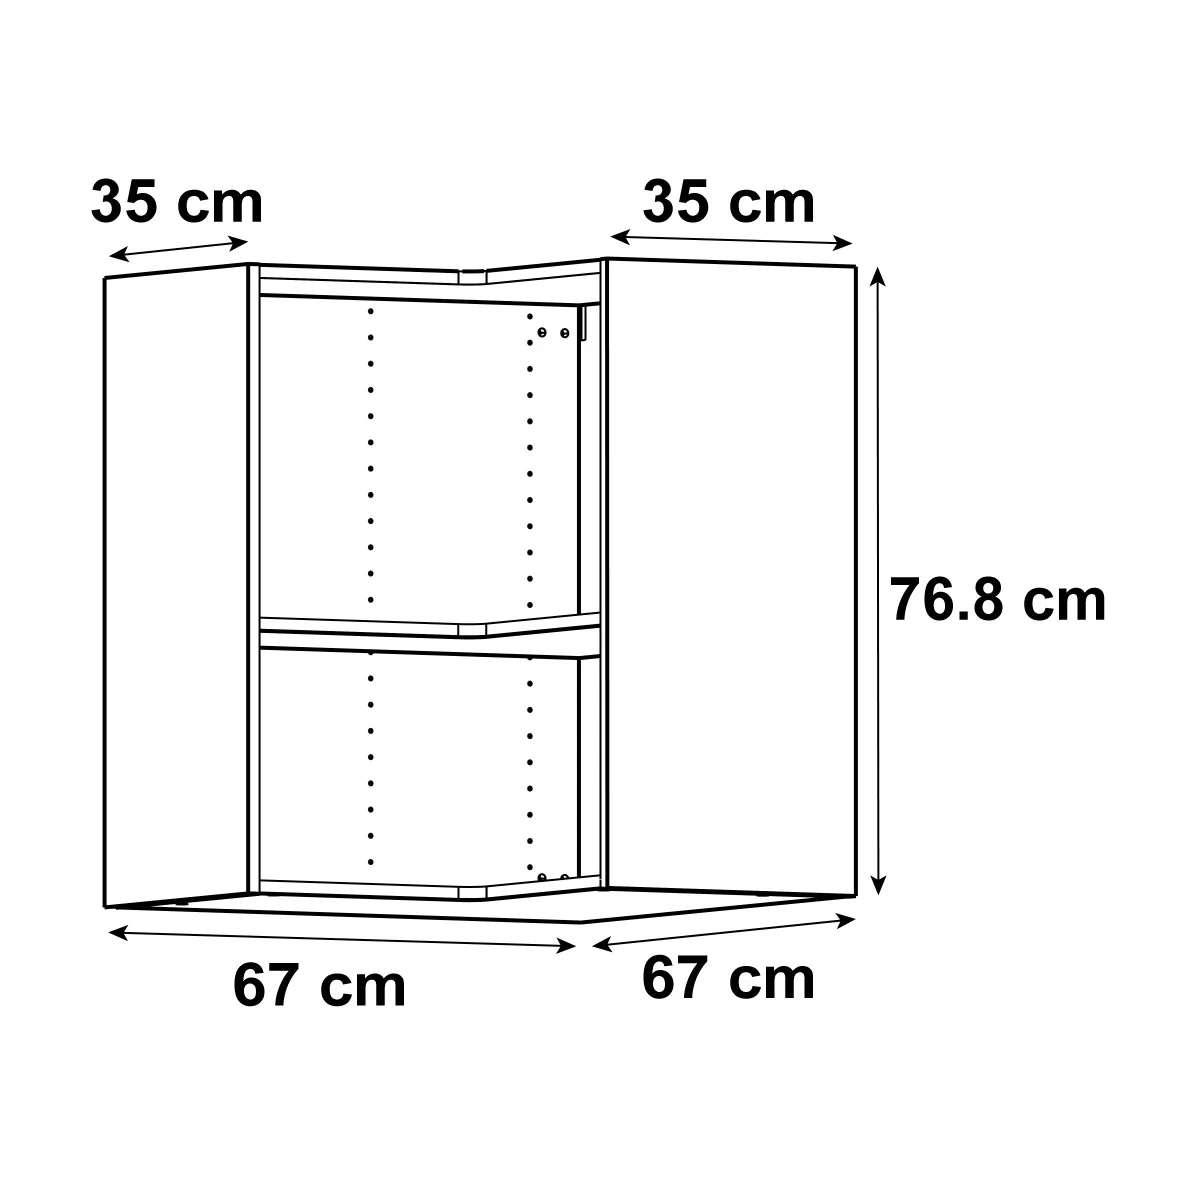 meuble de cuisine haut d angle delinia id h 76 8 x l 67 x p 35 cm